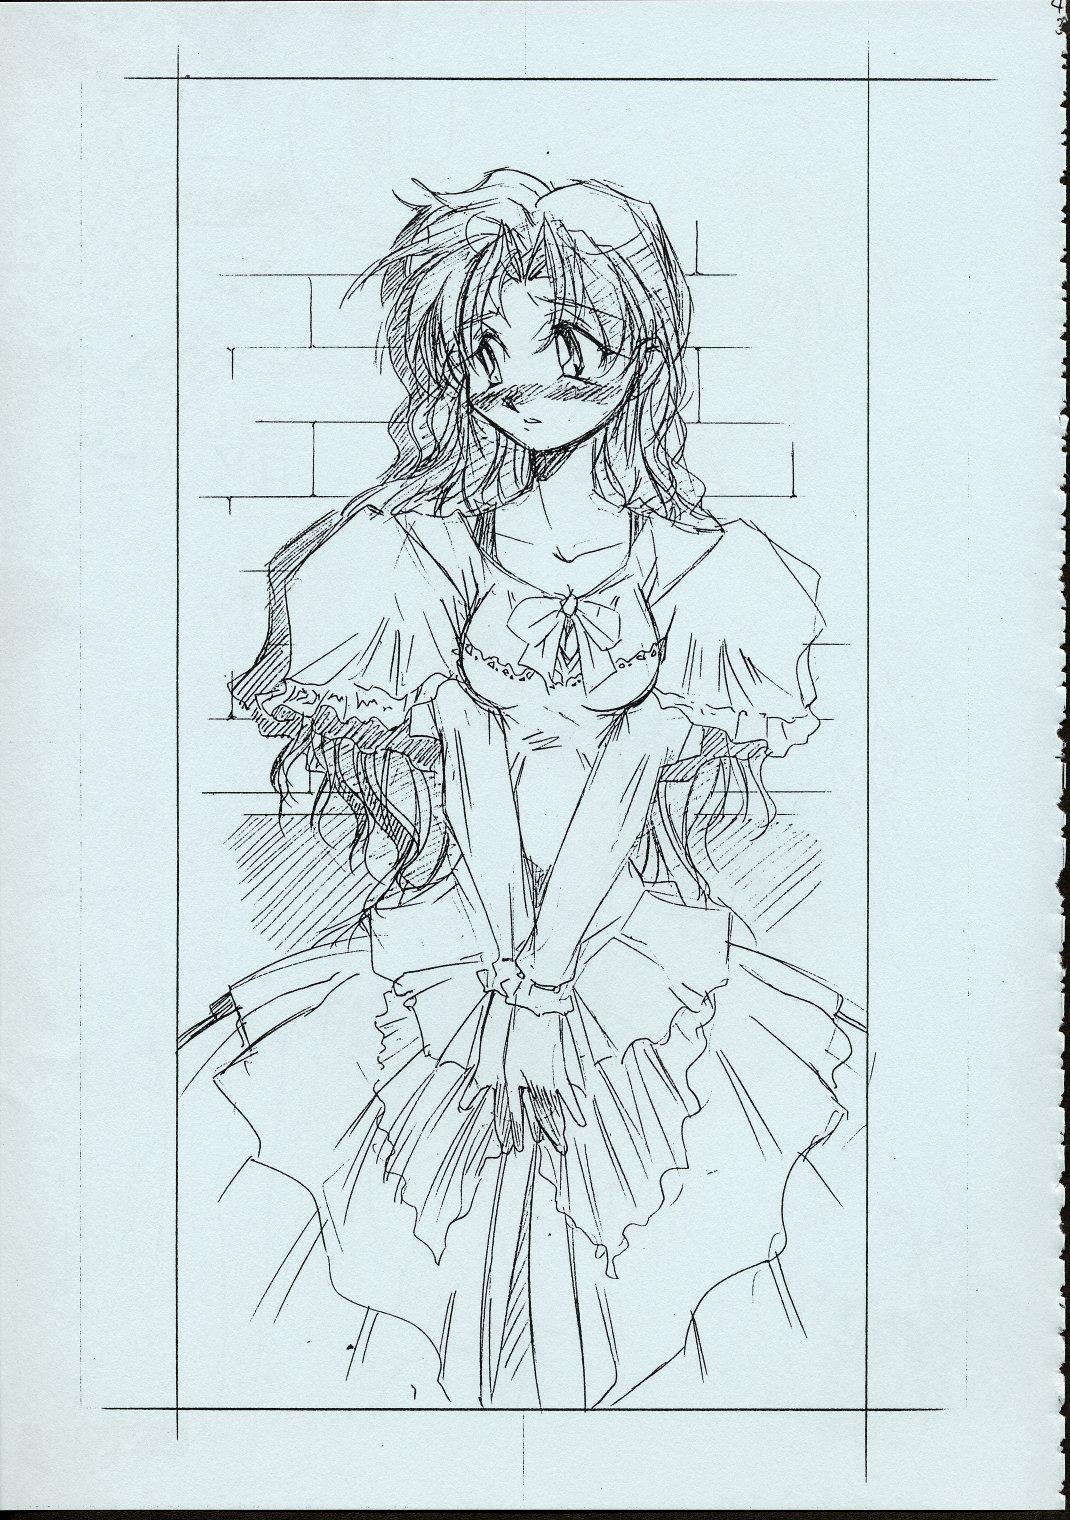 Maid-san kihonkei 41